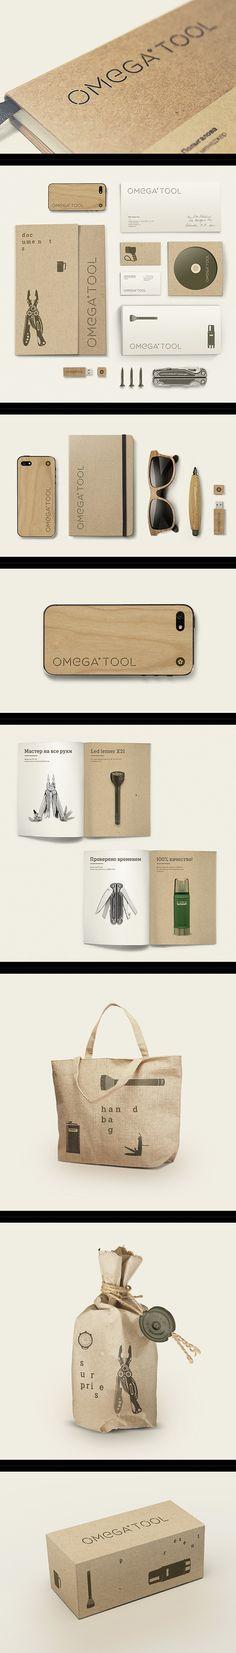 Omega Tool branding & package design.